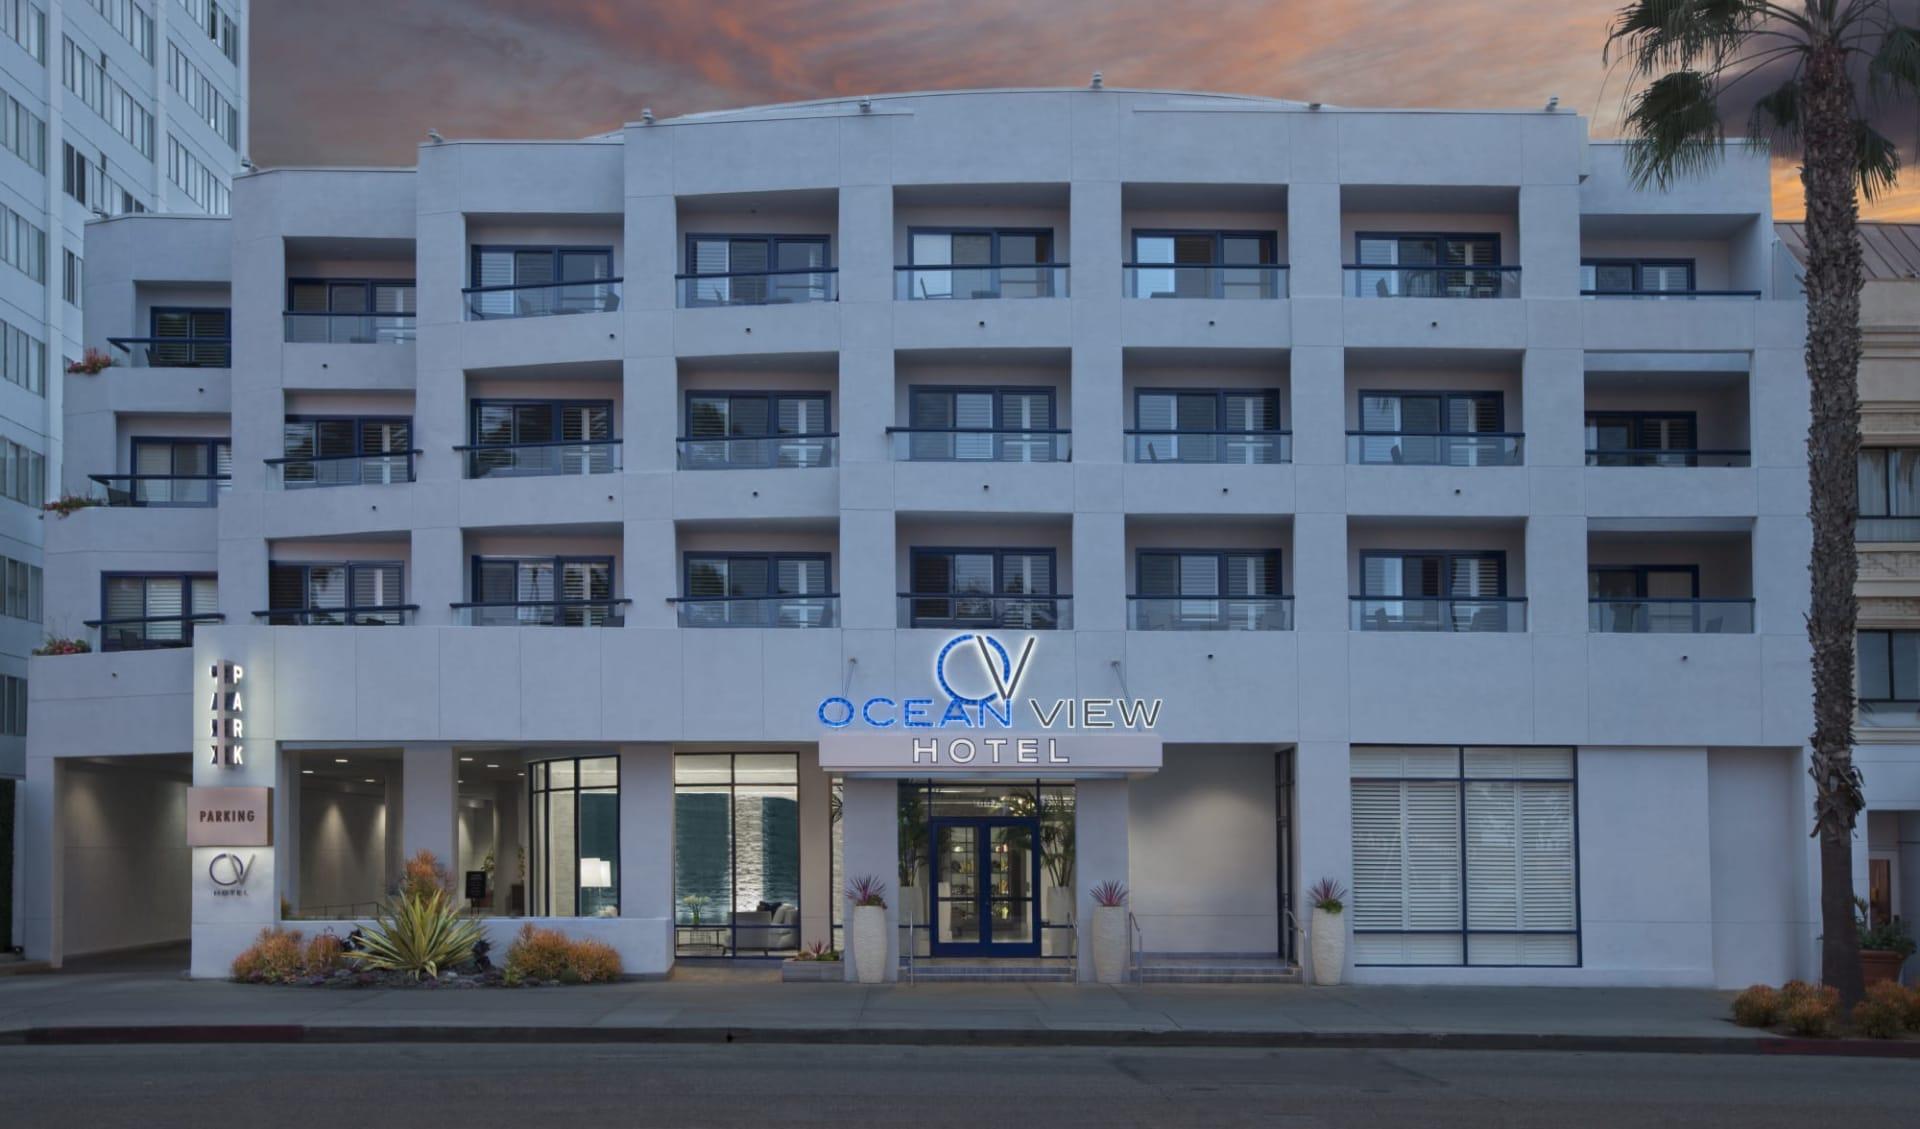 Ocean View Hotel Santa Monica:  Ocean View Hotel - Aussenansicht